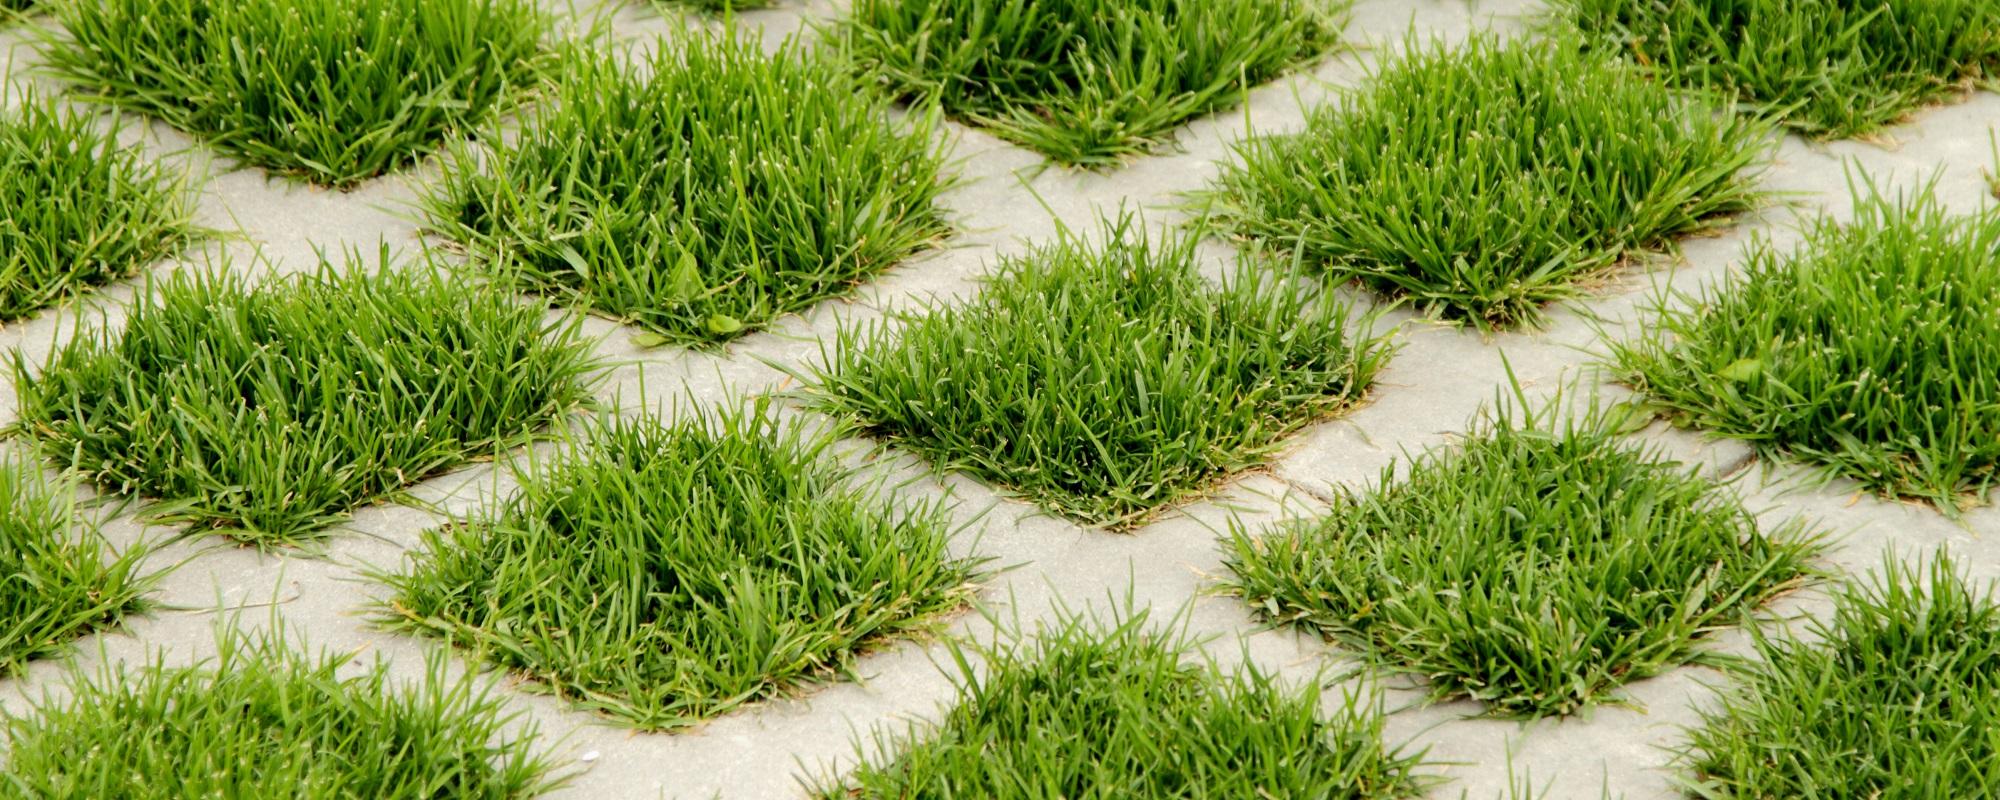 Dense green grass.